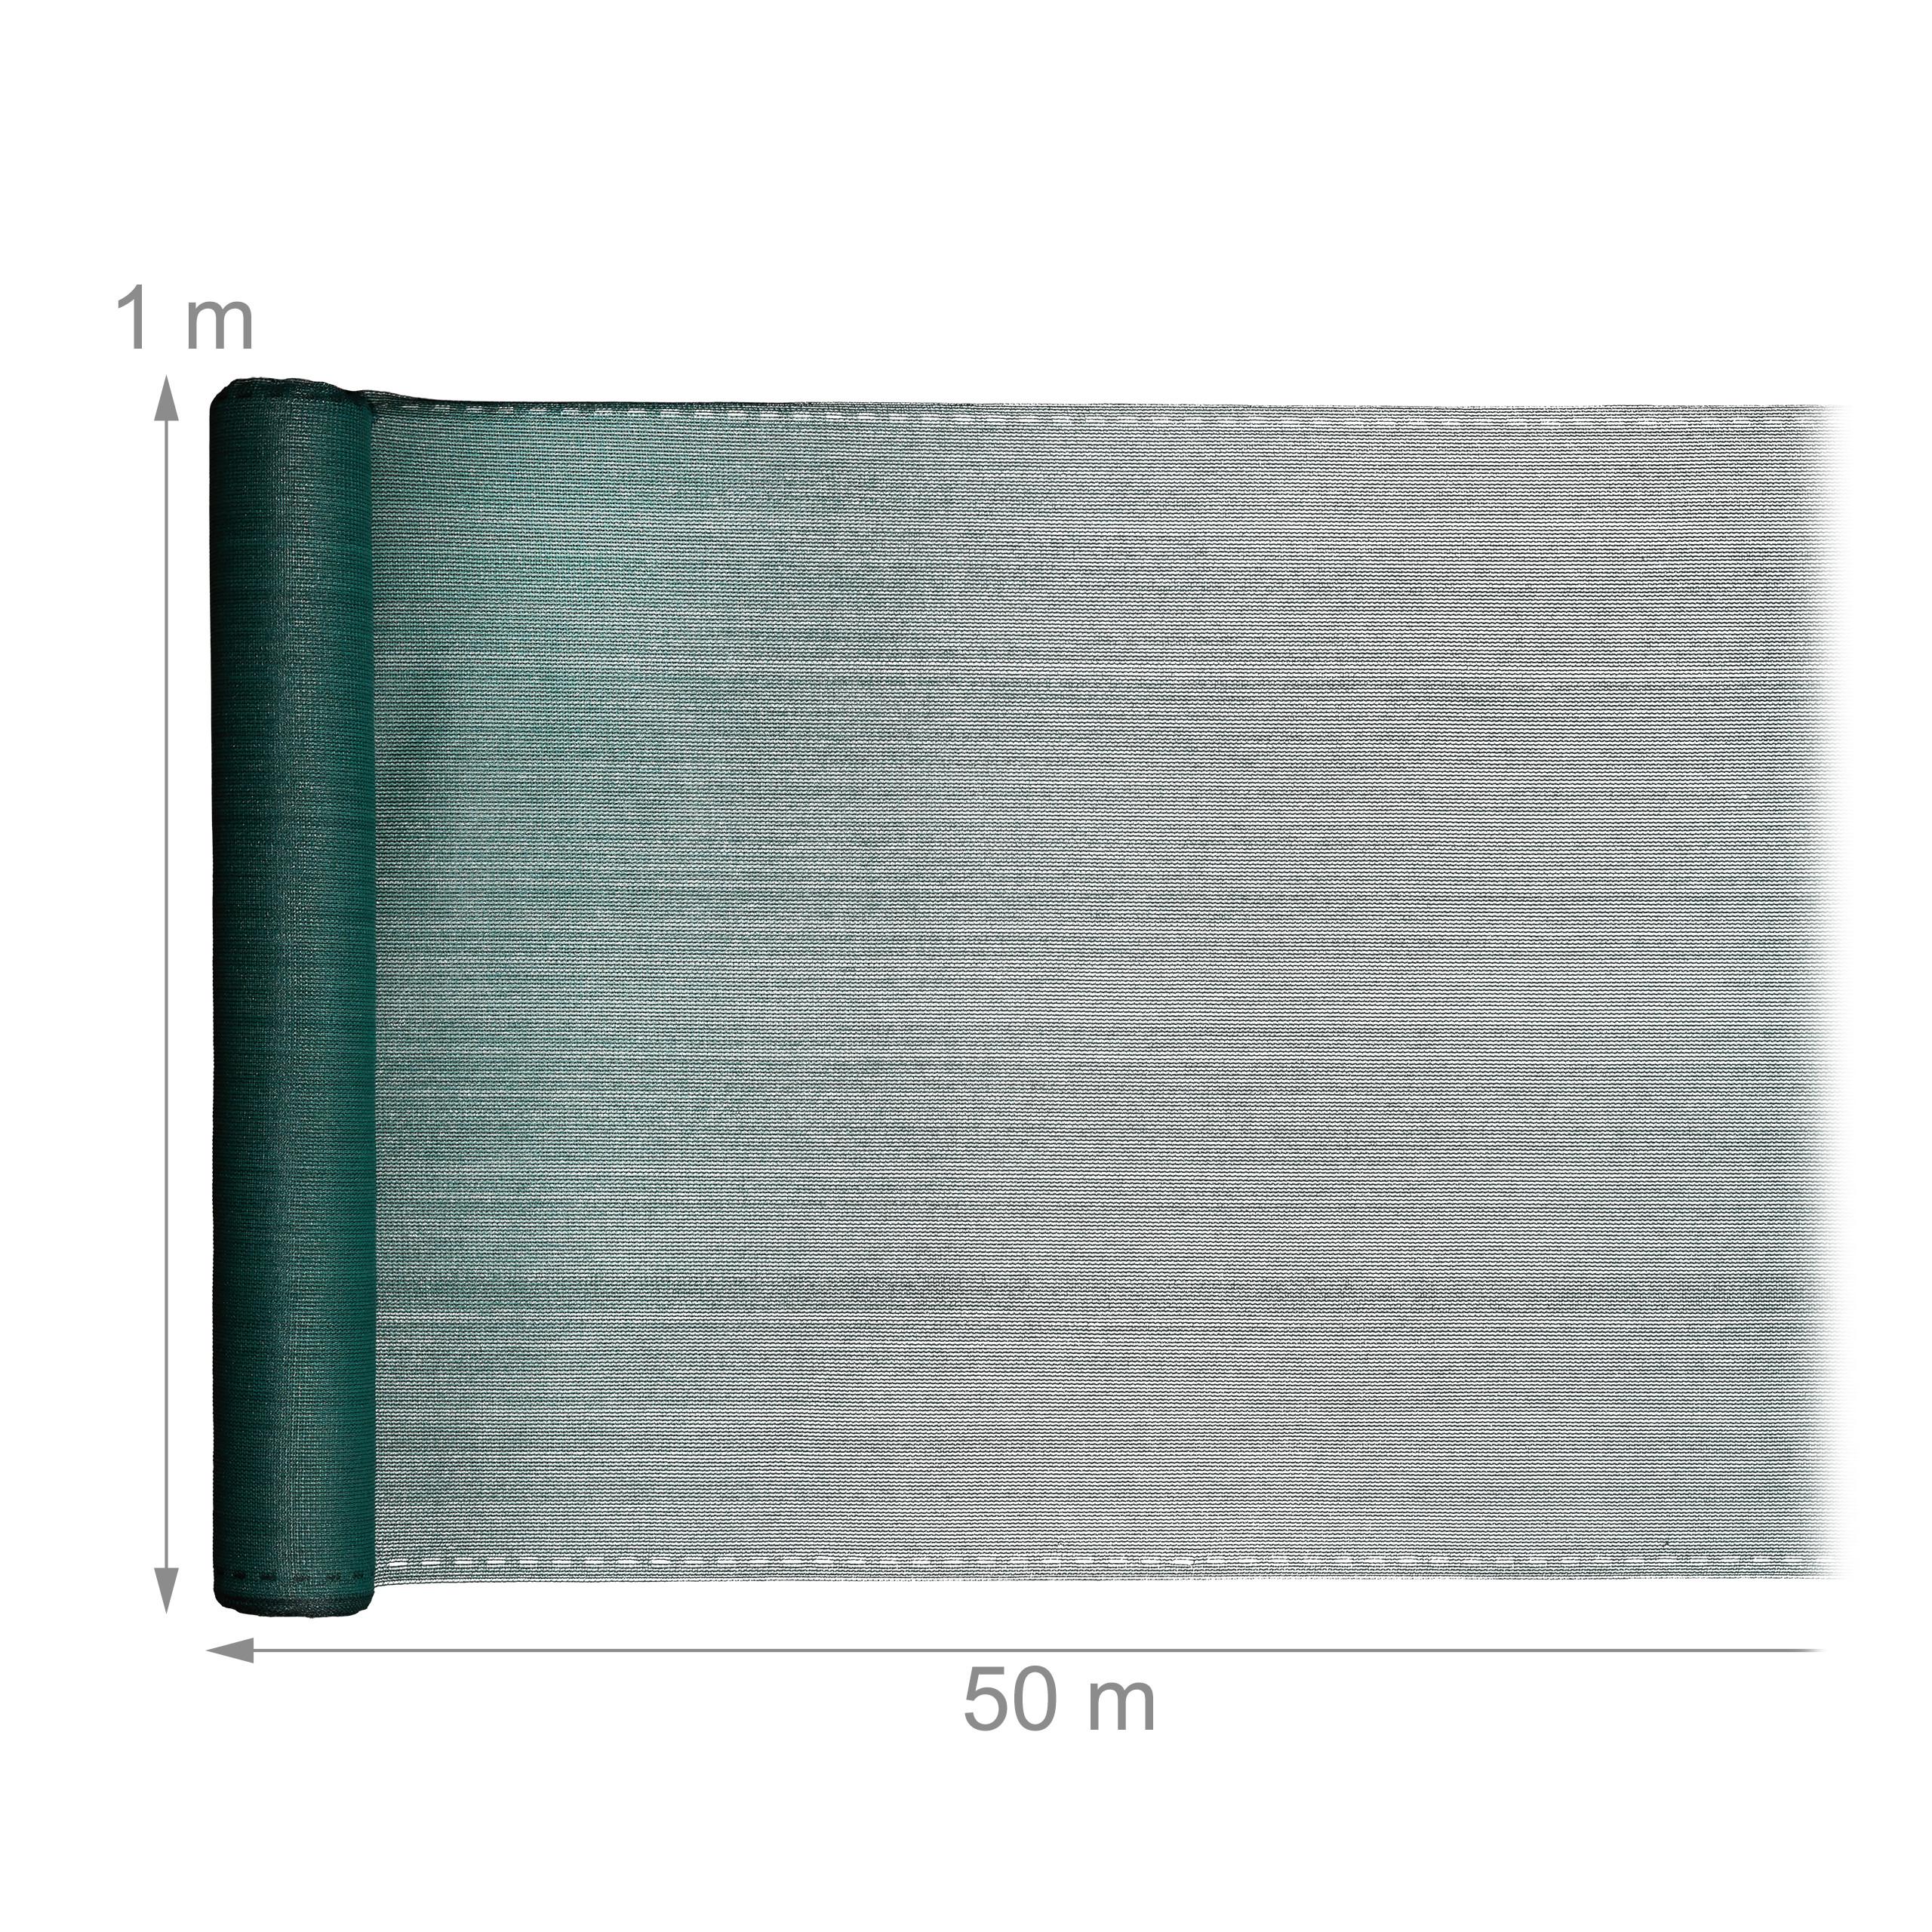 Indexbild 10 - Zaunblende grün 1m hoch, Sichtschutz Gartenzaun, Zaunsichtschutz, HDPE 150g/m²